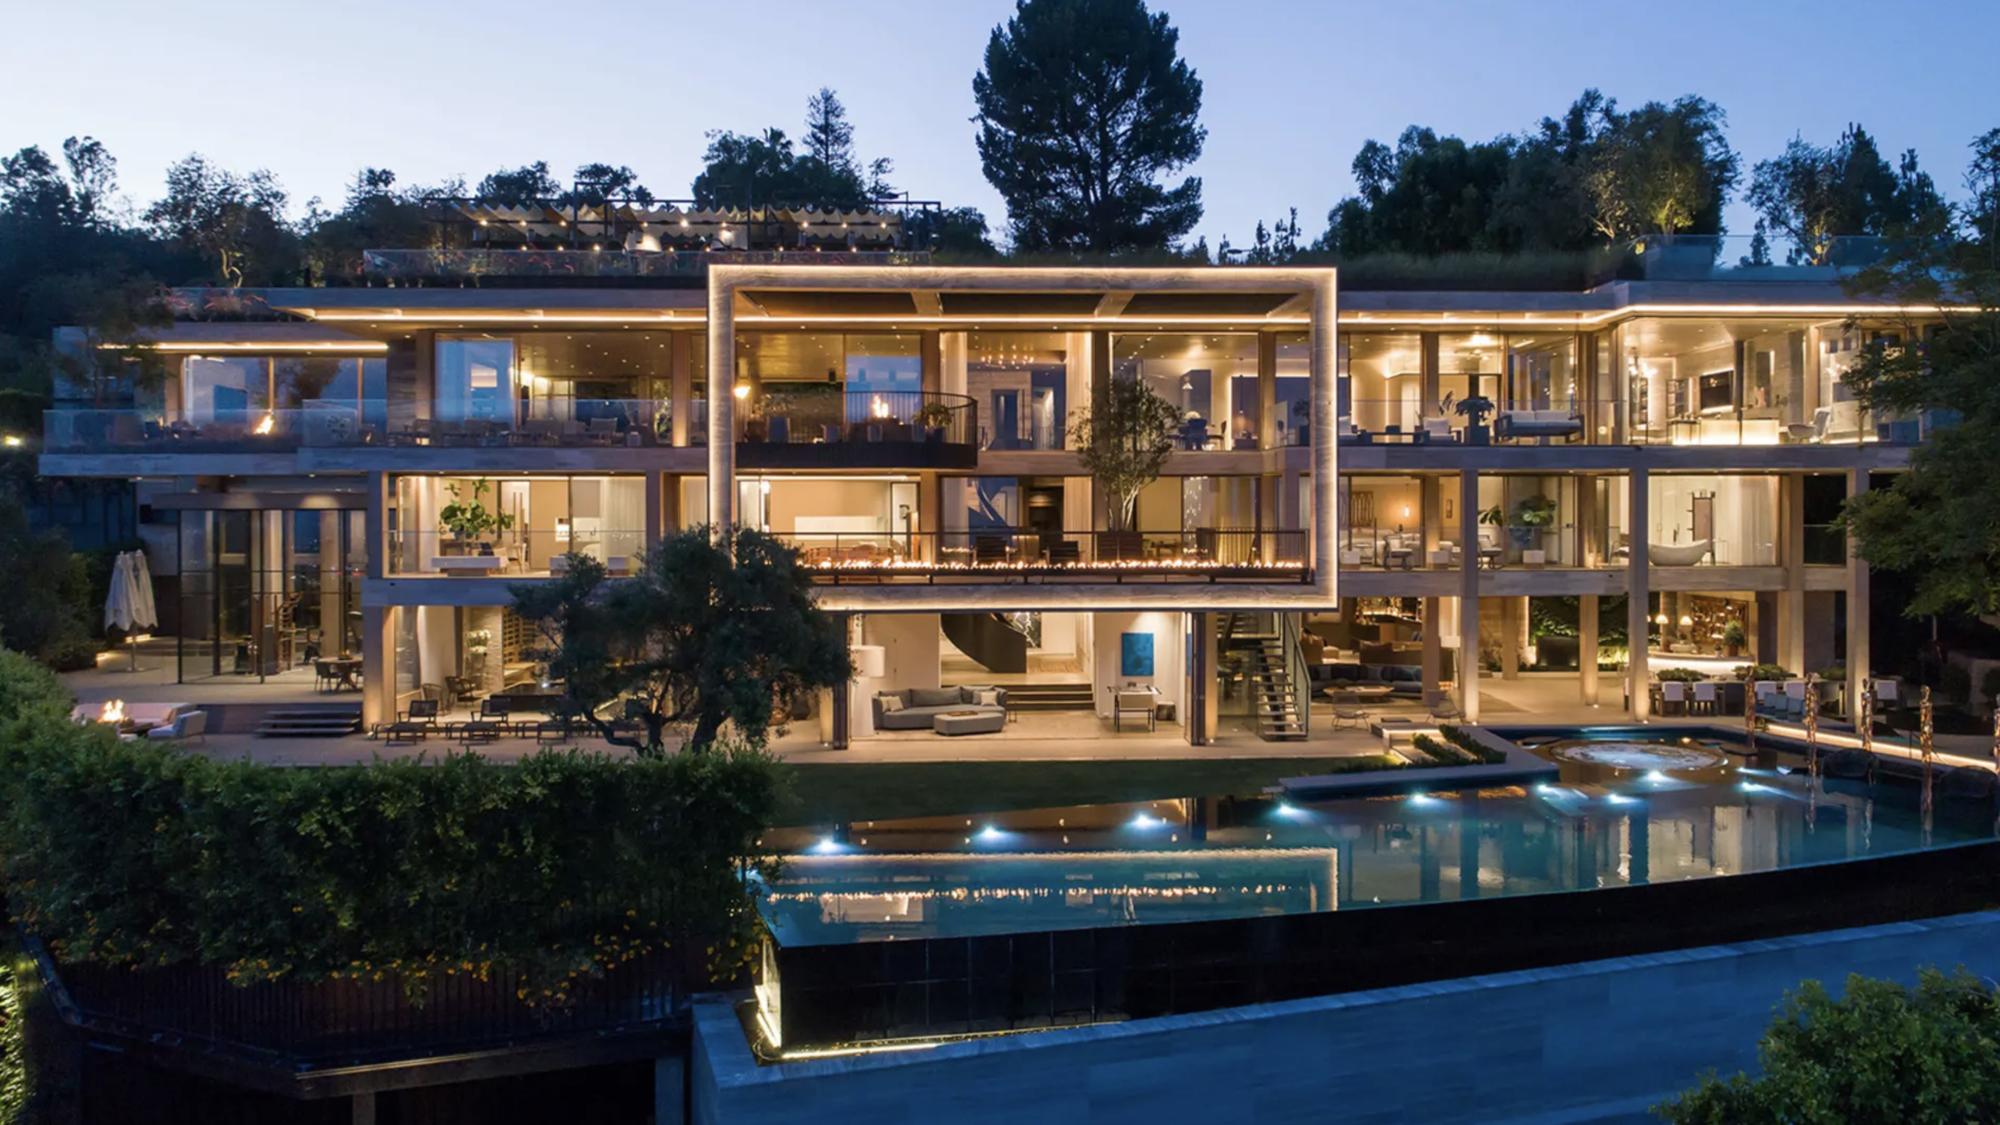 Immobilier : la deuxième maison la plus chère de Los Angeles est